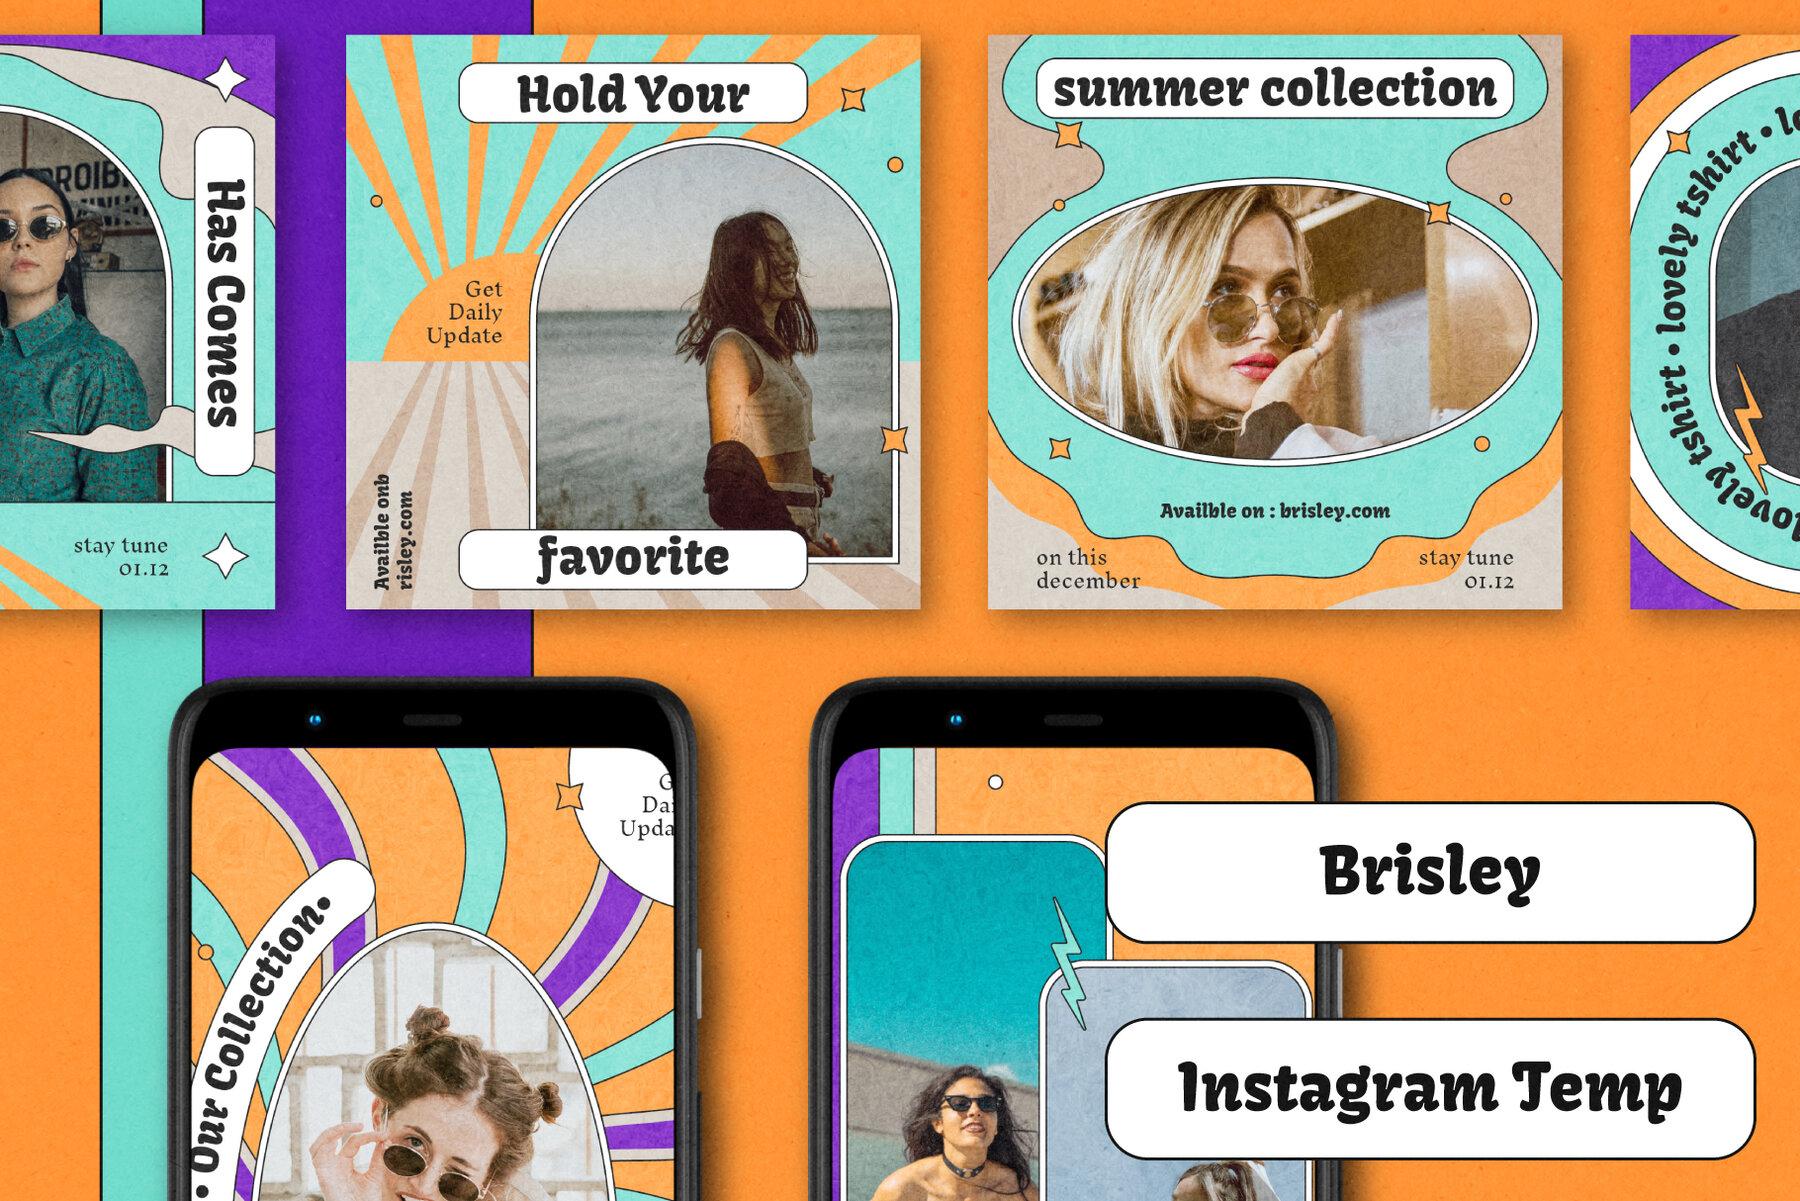 Brisley Instagram Post Stories